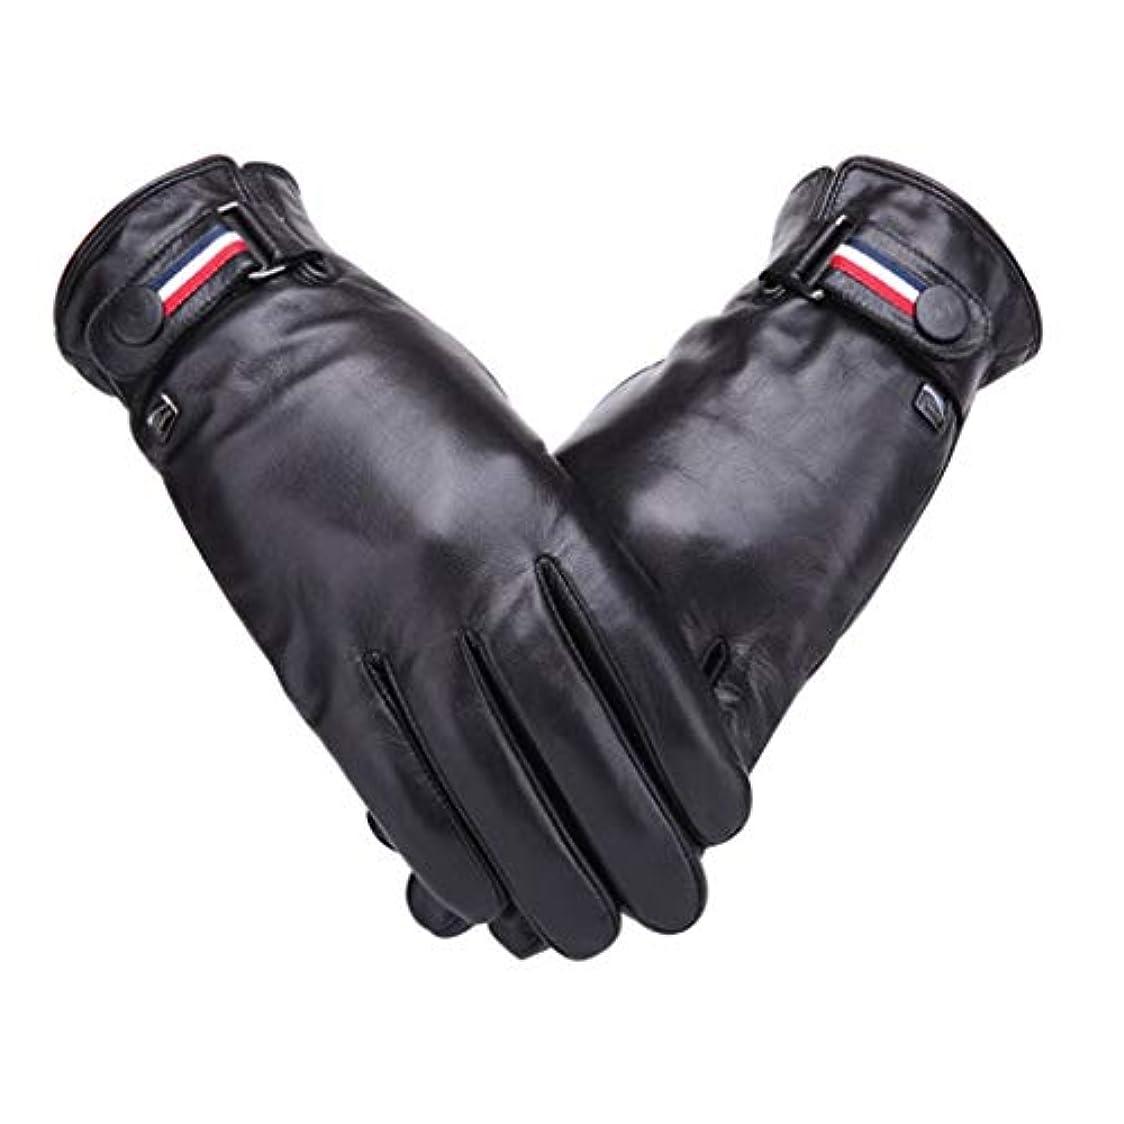 歩行者お客様学習者羊皮の手袋の男性秋と冬のサイクリングwindproof暖かいプラスベルベットの肥厚の男性の手袋